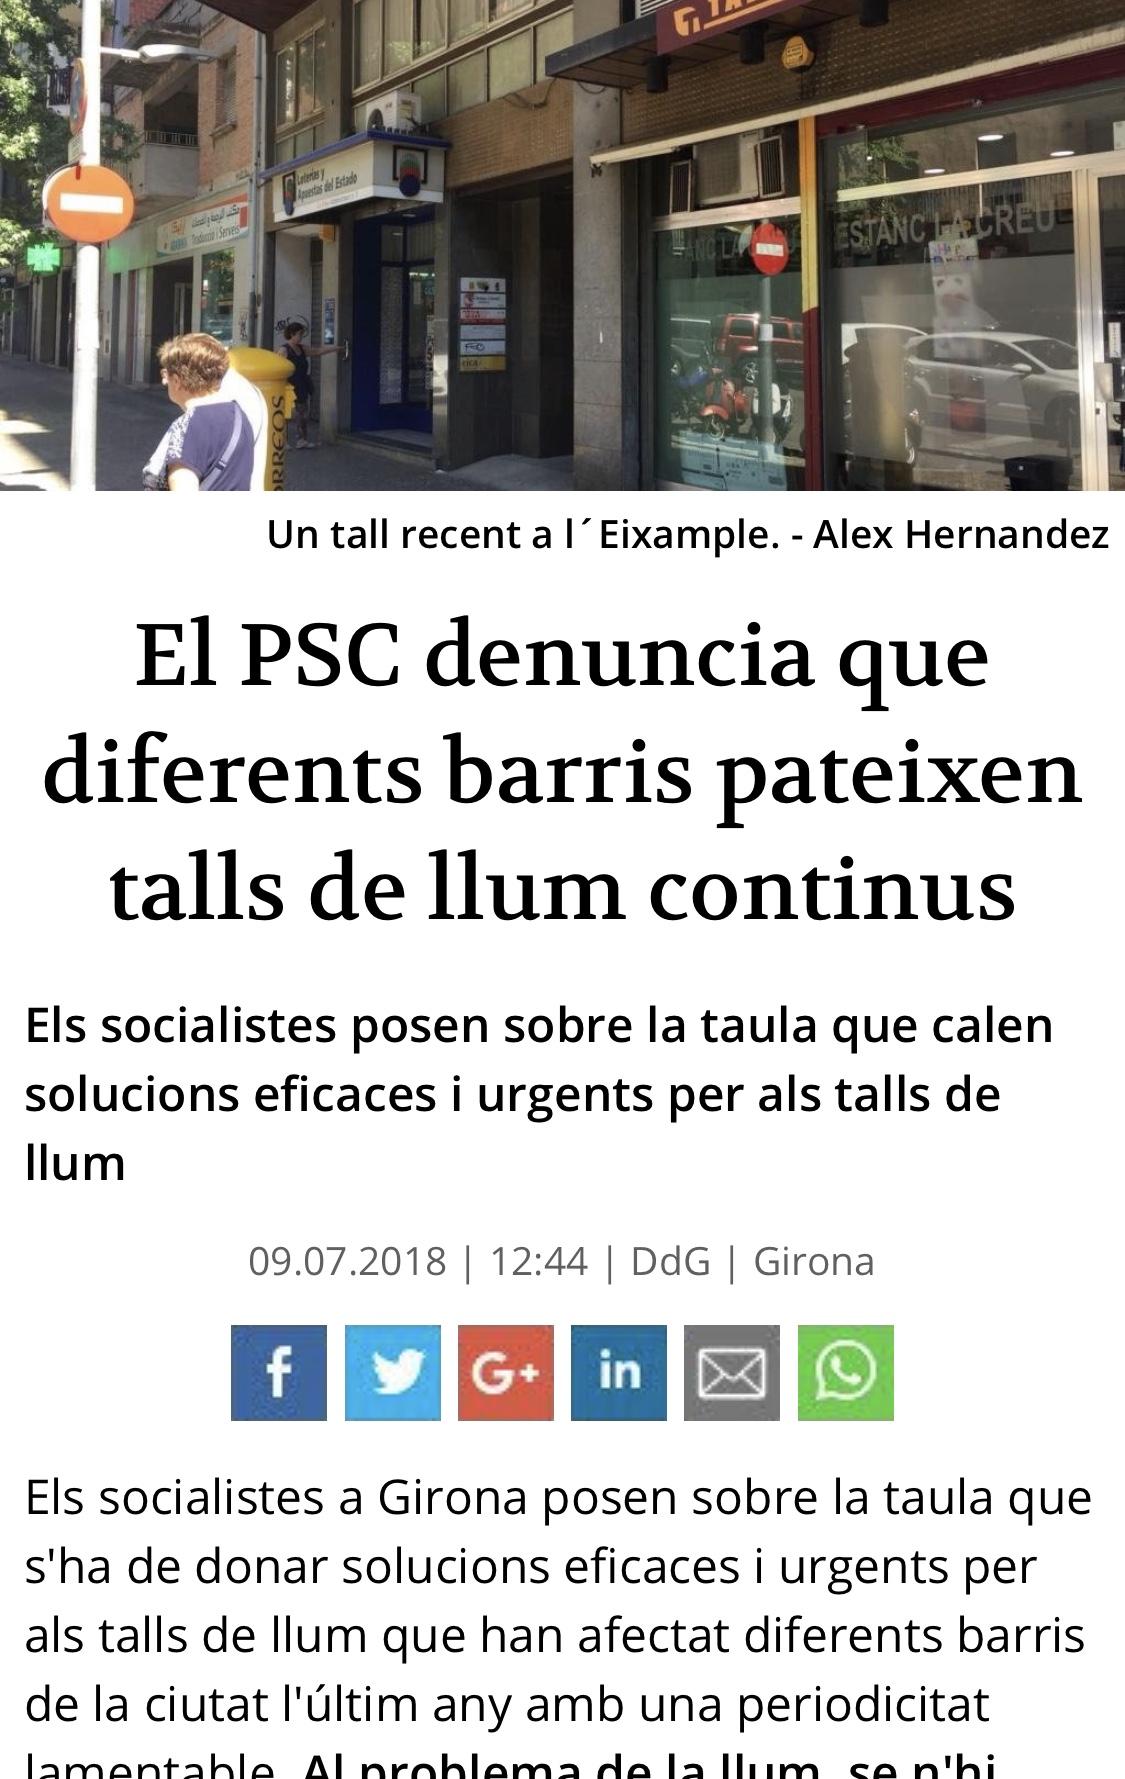 El PSC de Girona ja va denunciar els talls de llum al juliol.